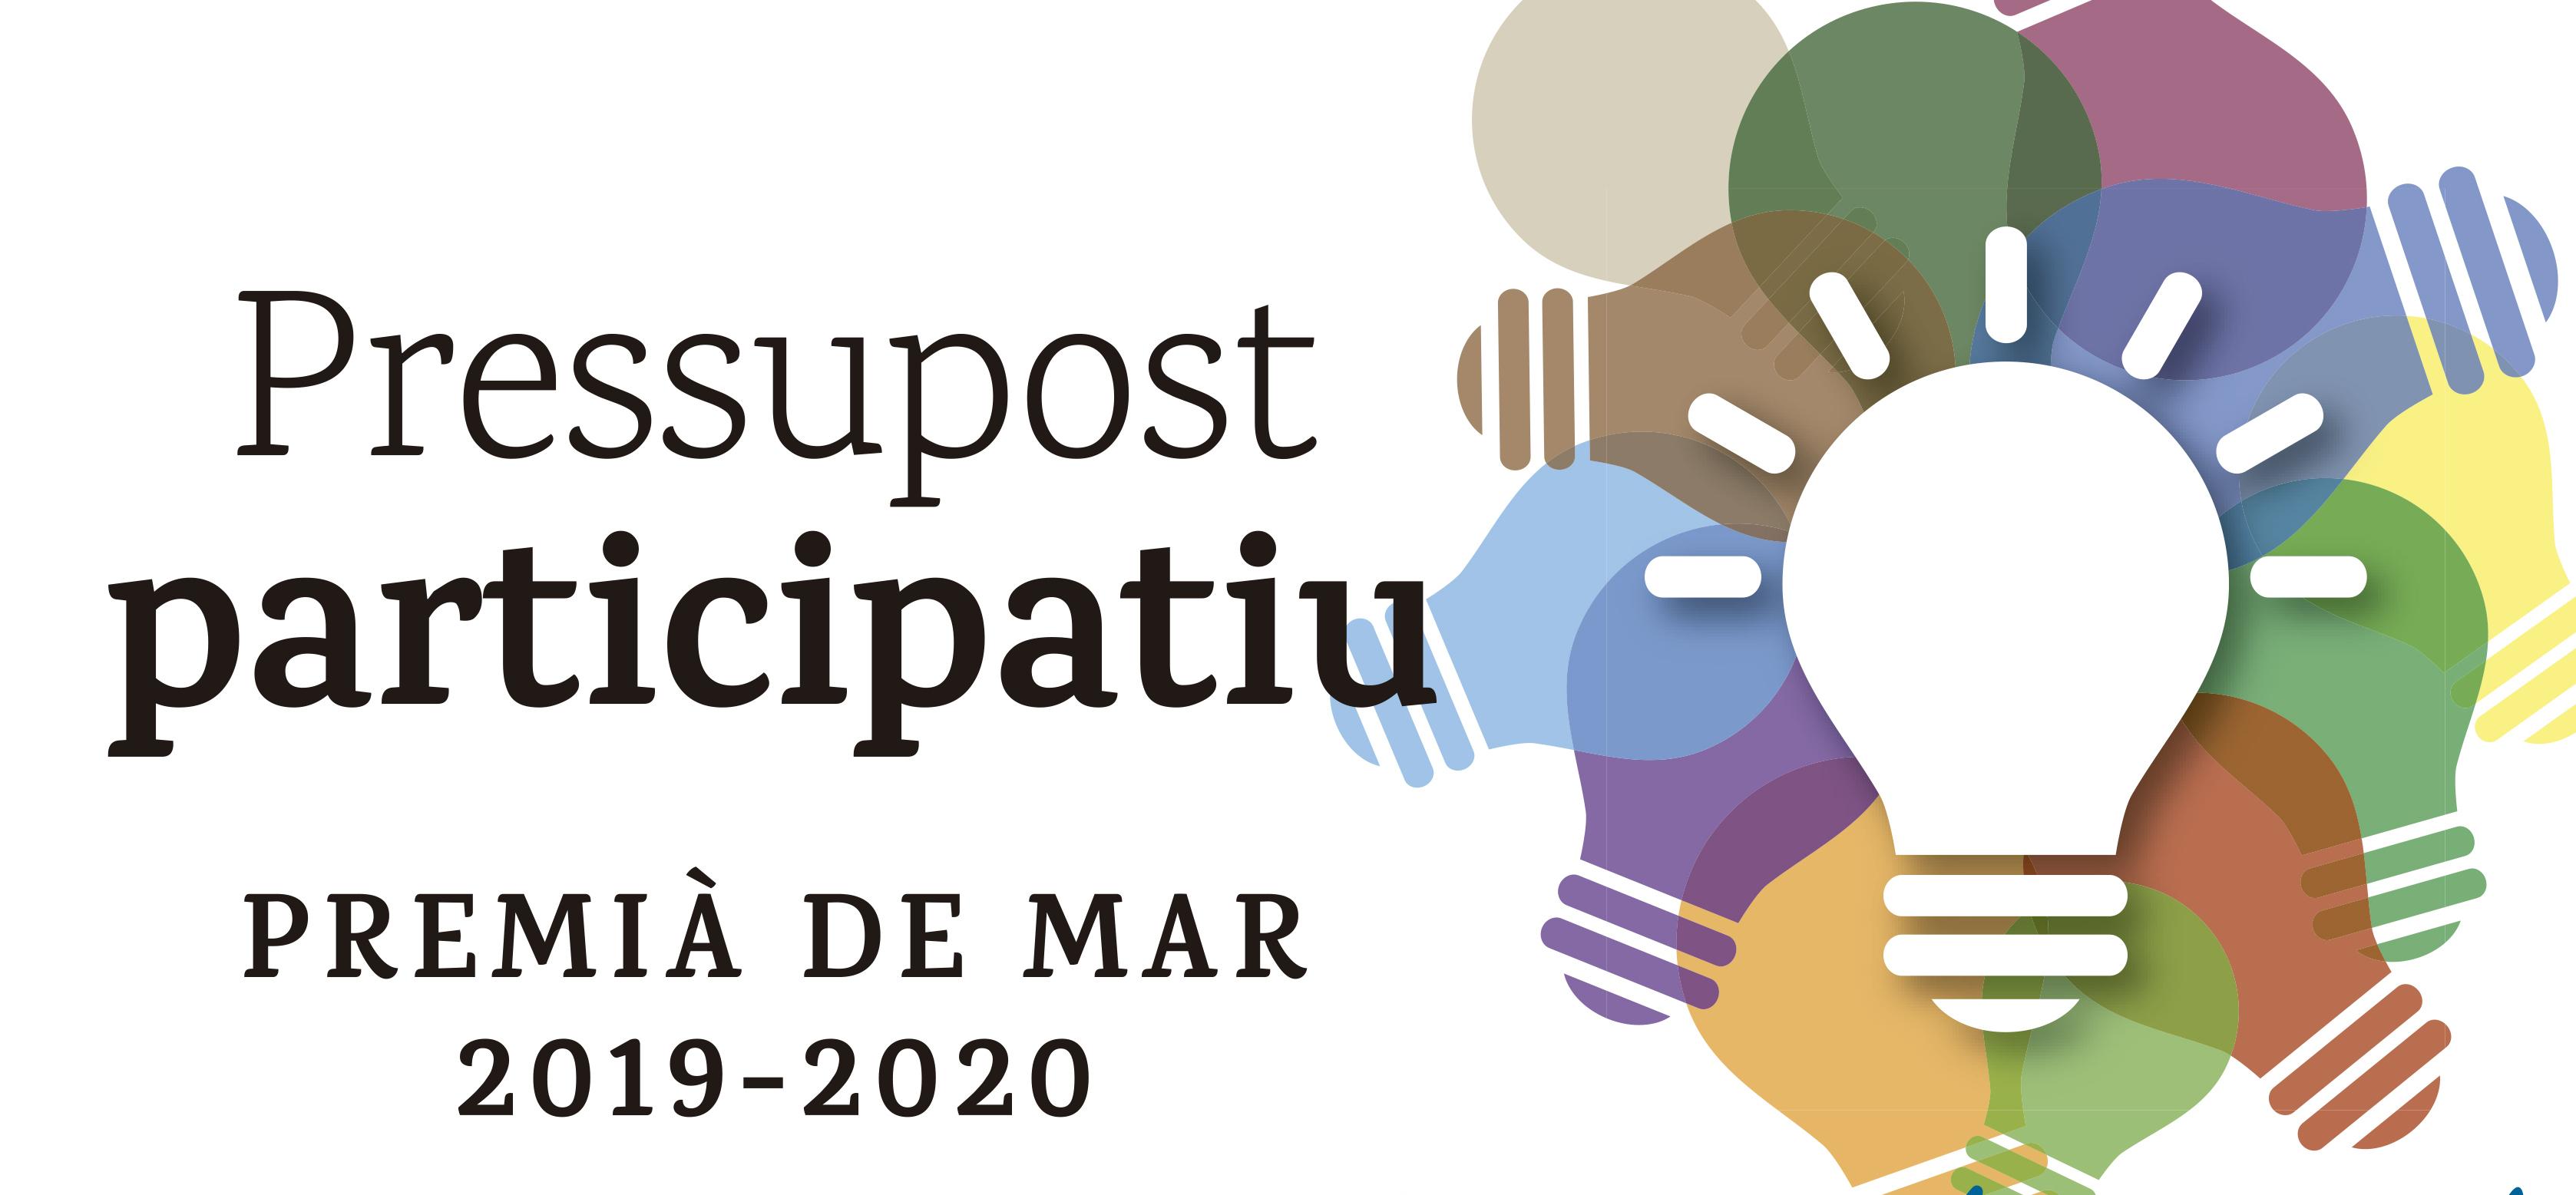 Dotze propostes guanyadores al pressupost participatiu 2019-2020